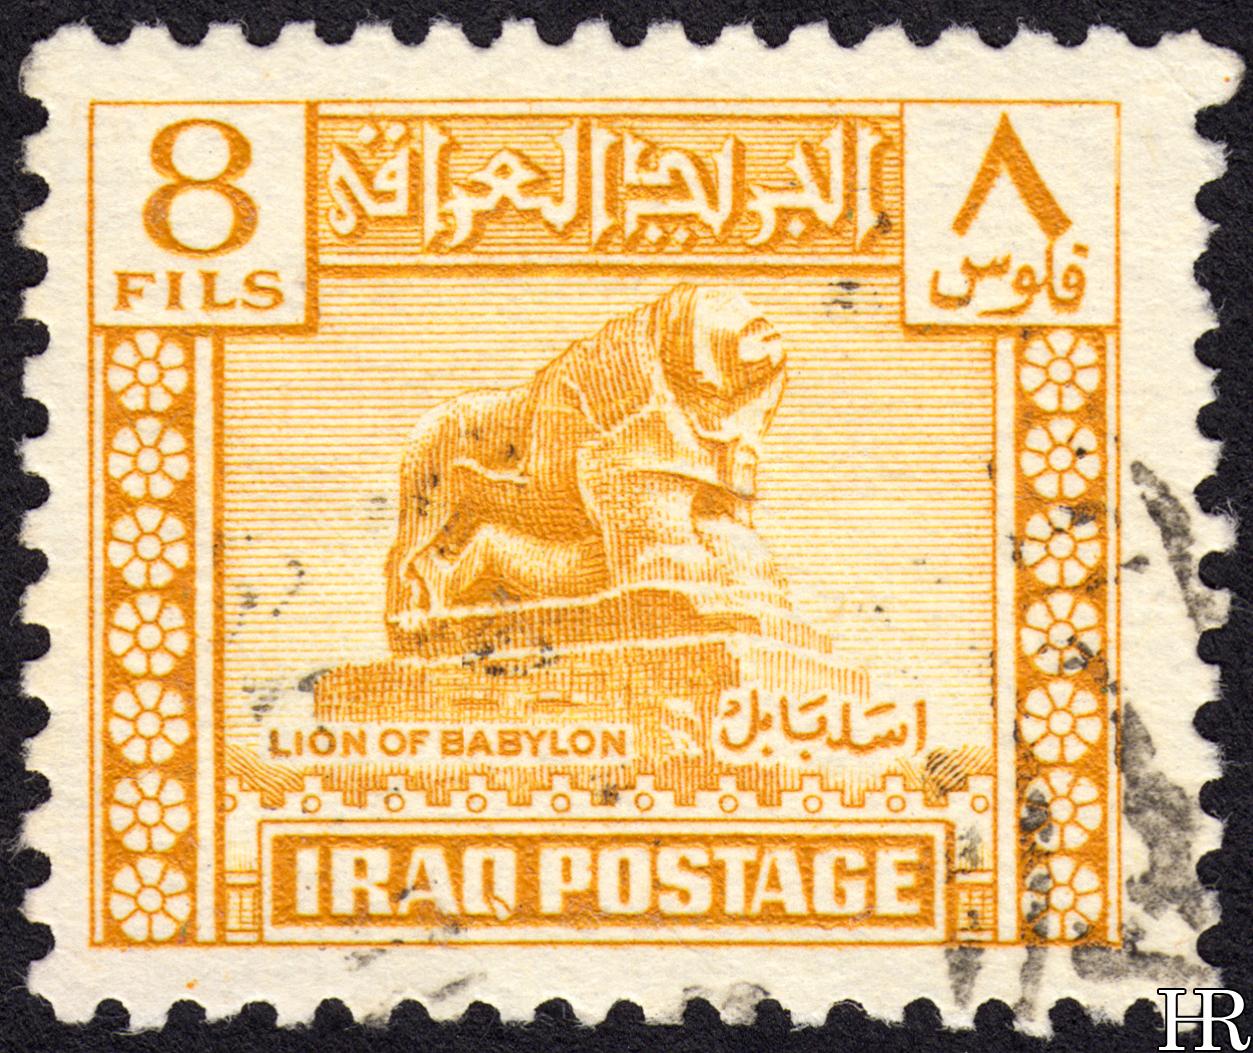 8 fils (20th February 1943)